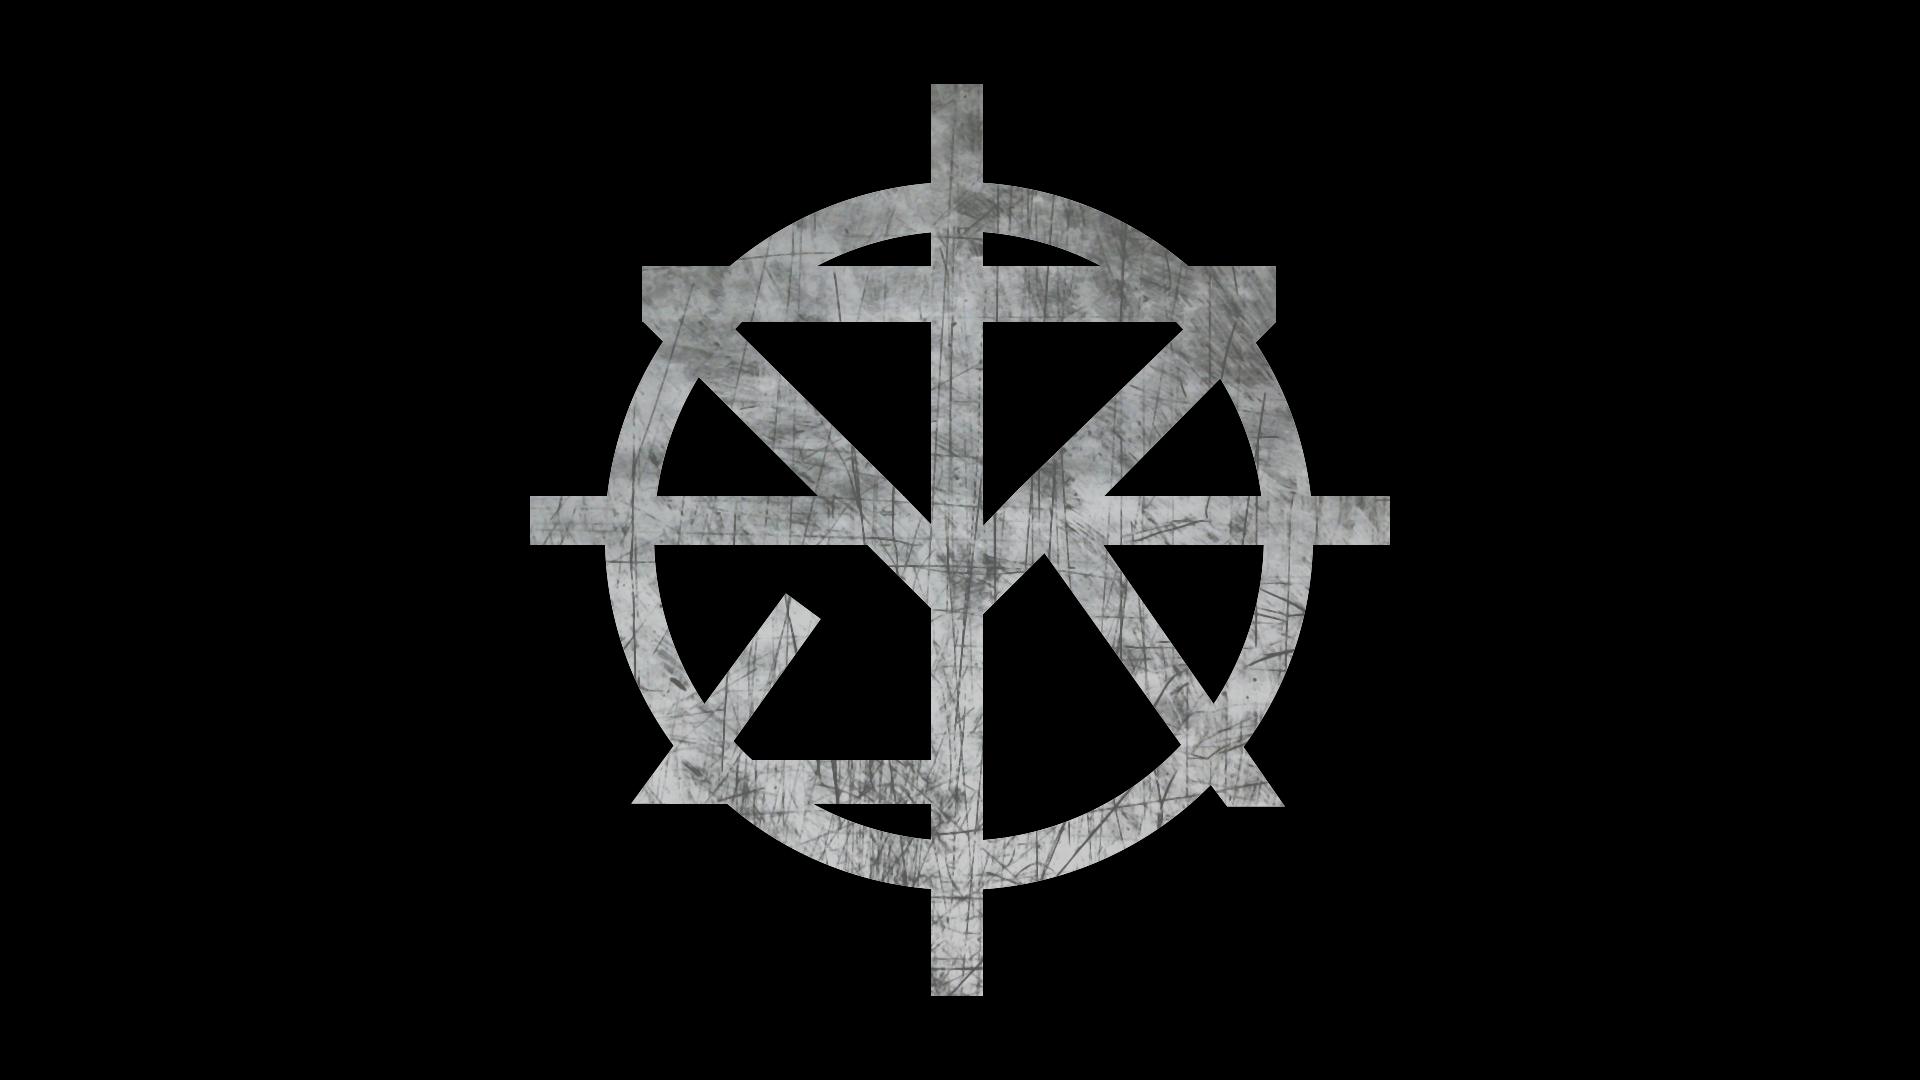 symbol seth